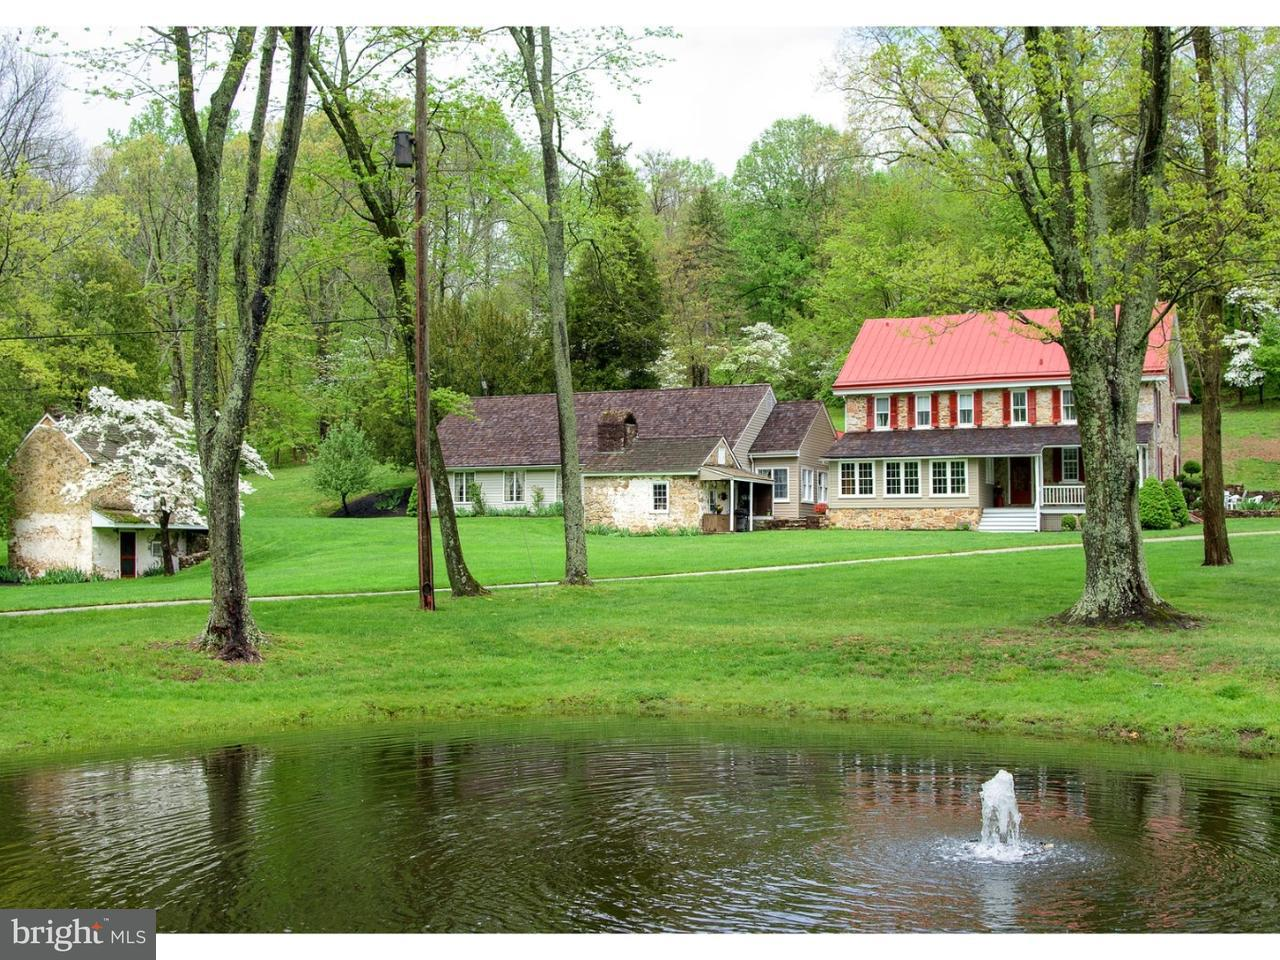 独户住宅 为 销售 在 1881 ART SCHOOL Road 切斯特斯普林斯, 宾夕法尼亚州 19425 美国